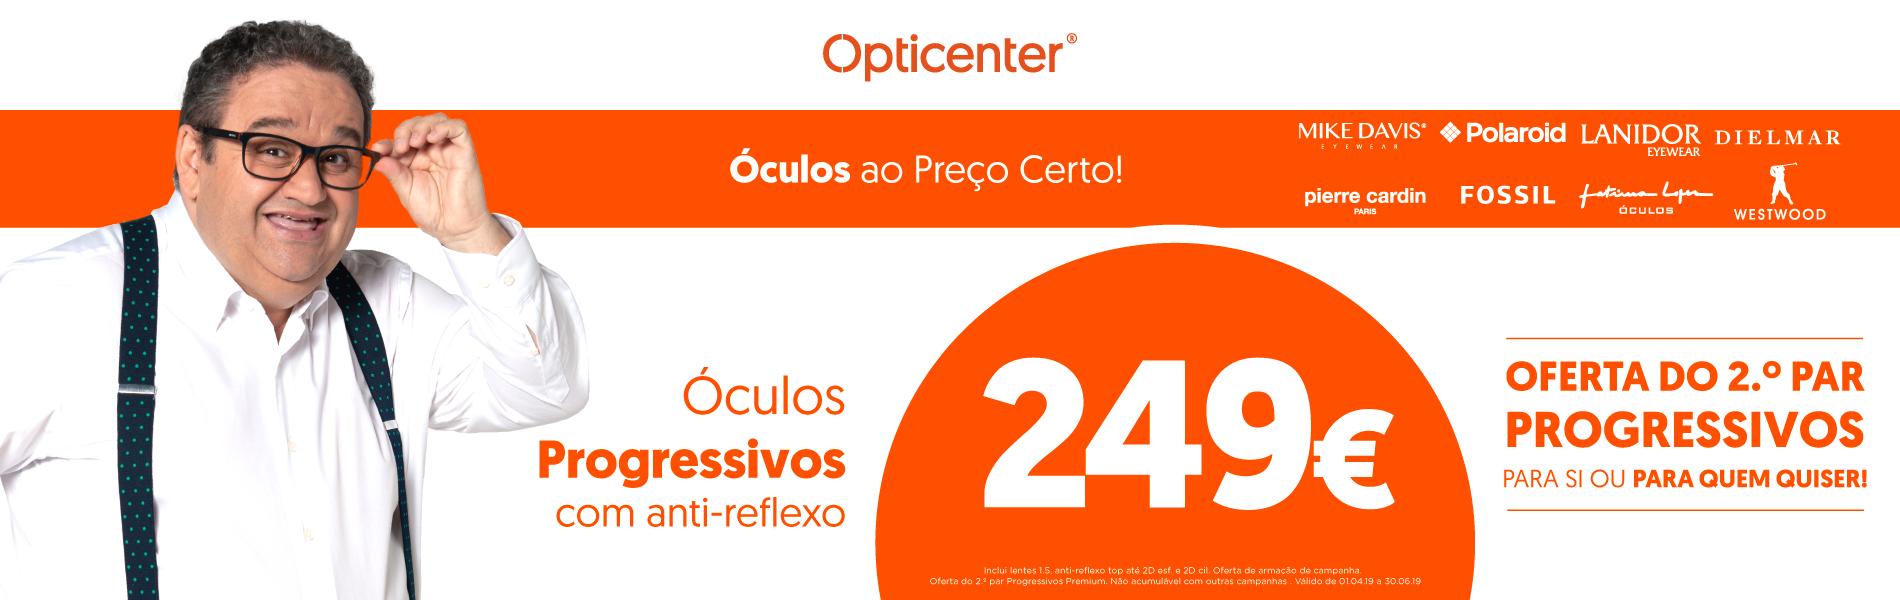 de5def619 Inicio - Opticenter - Óculos ao Preço Certo!